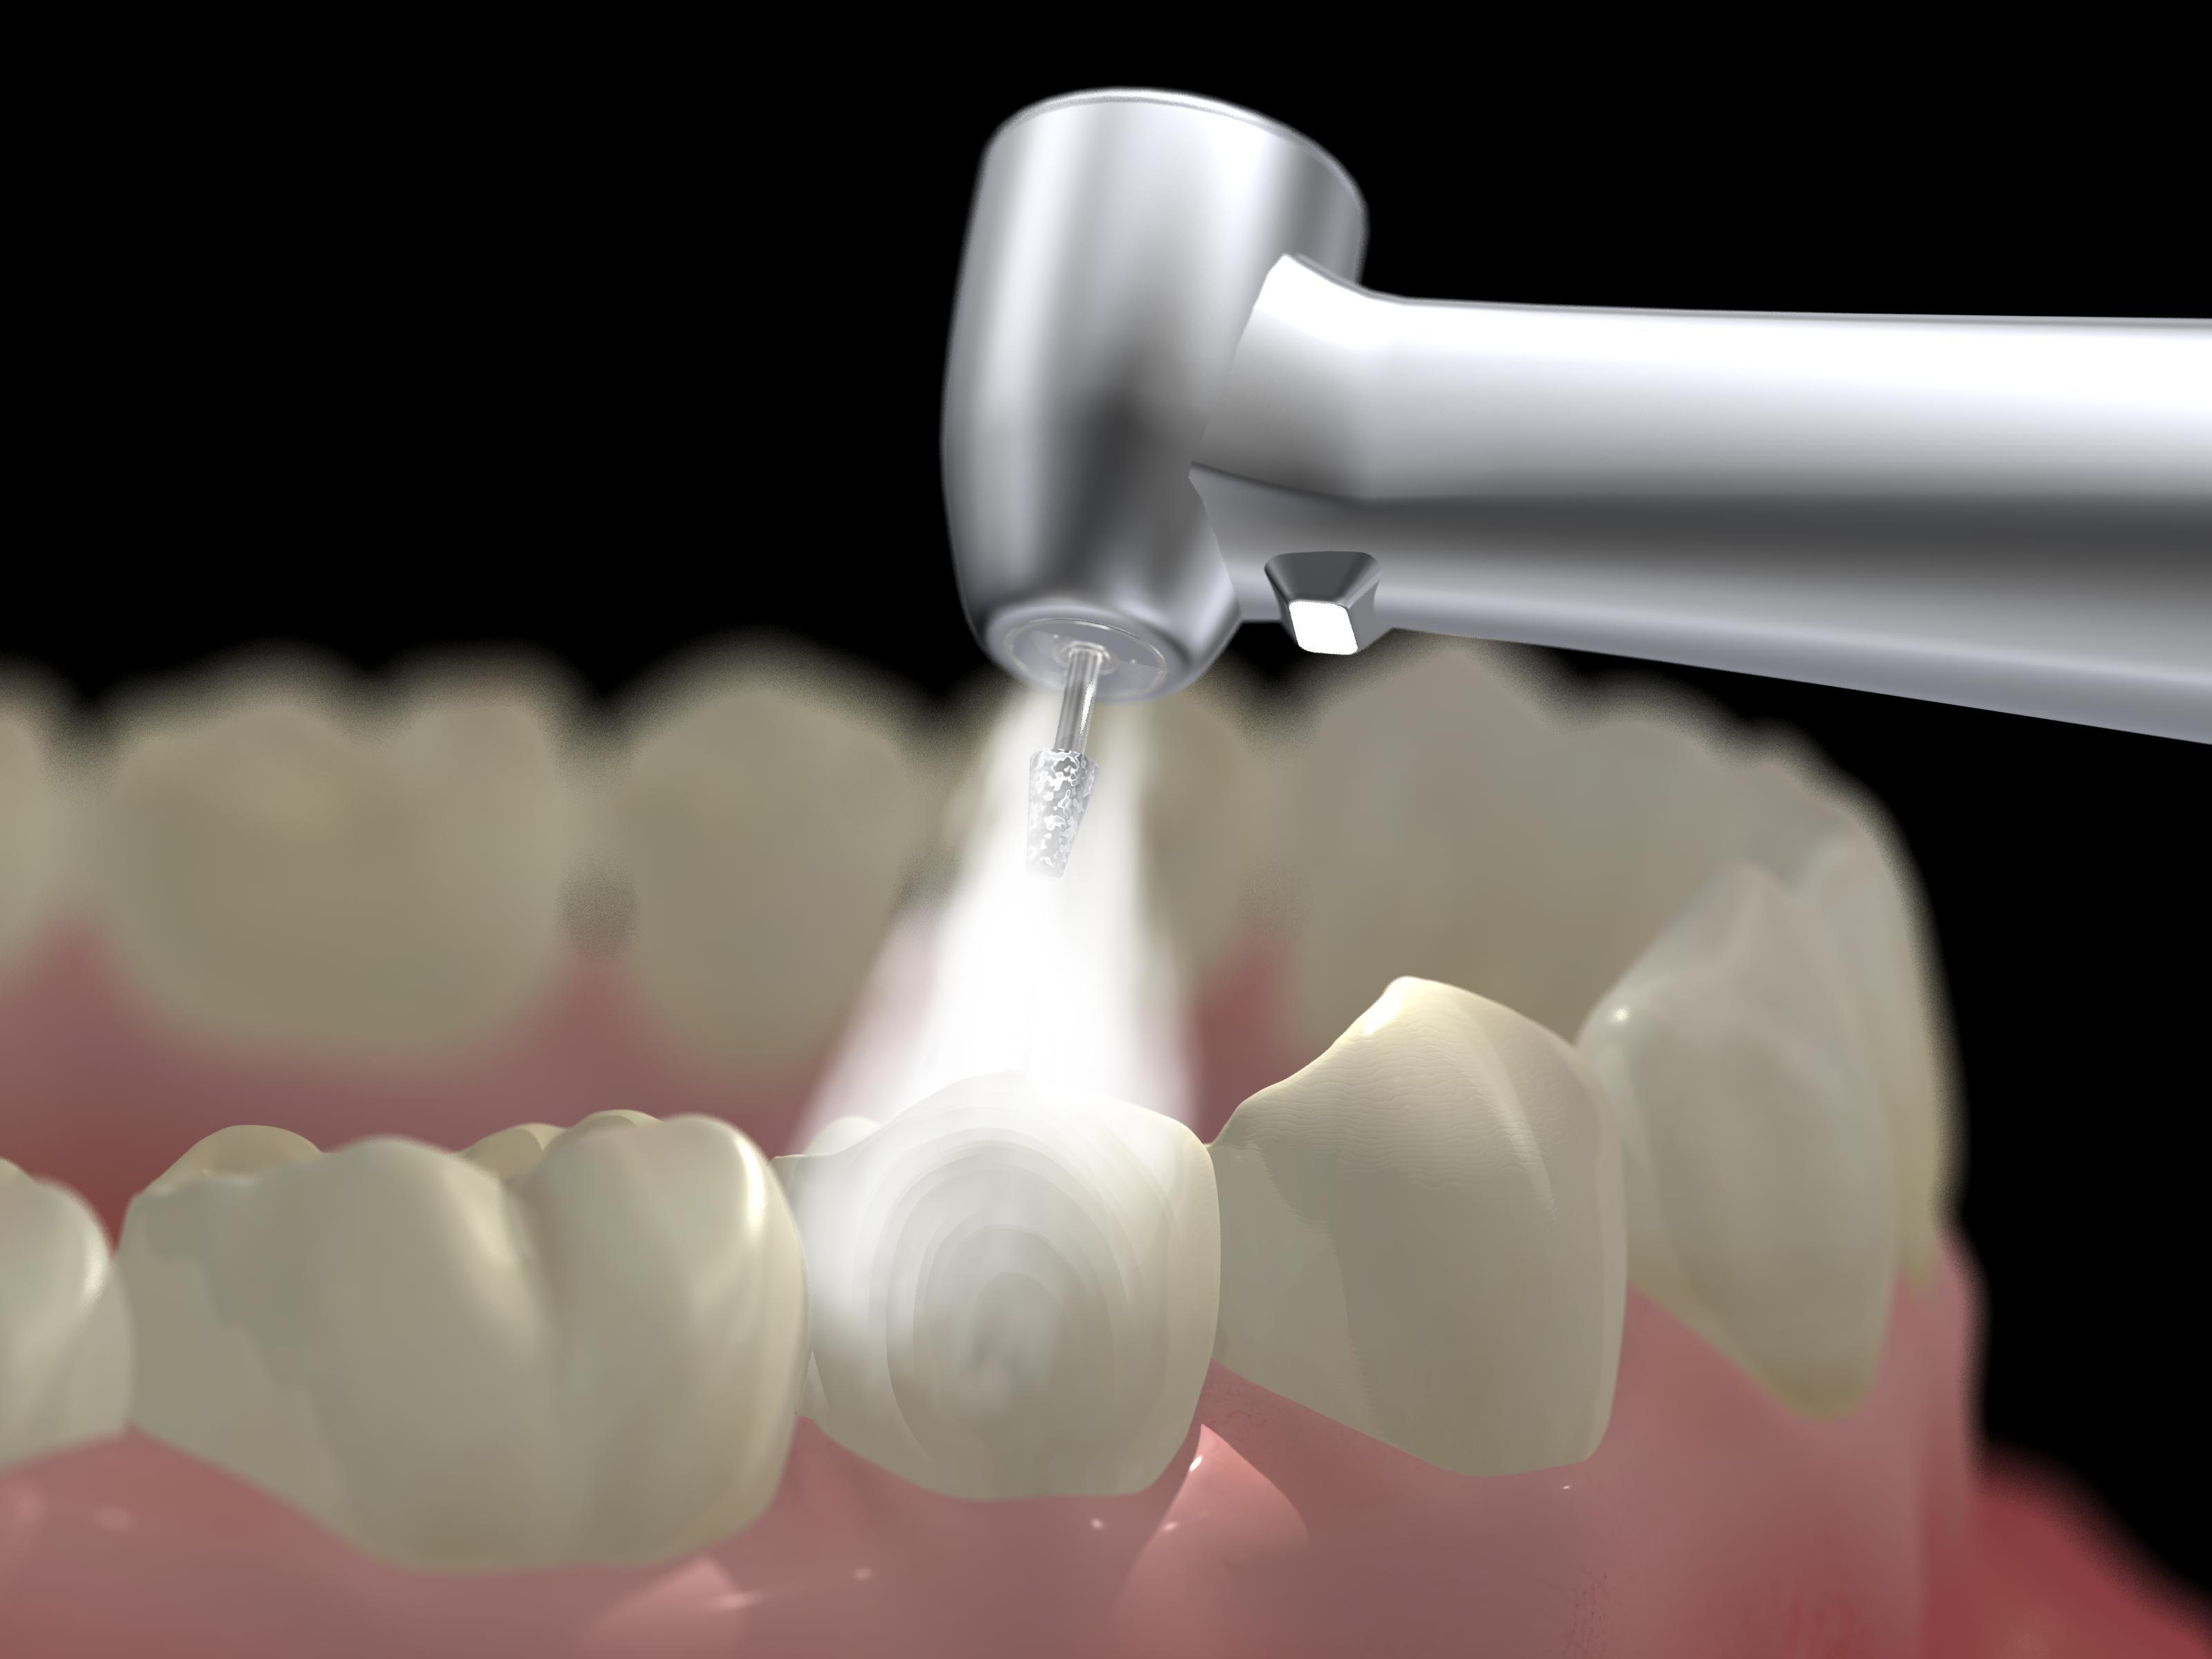 Зубные пломбы позволят зубам самовосстанавливаться